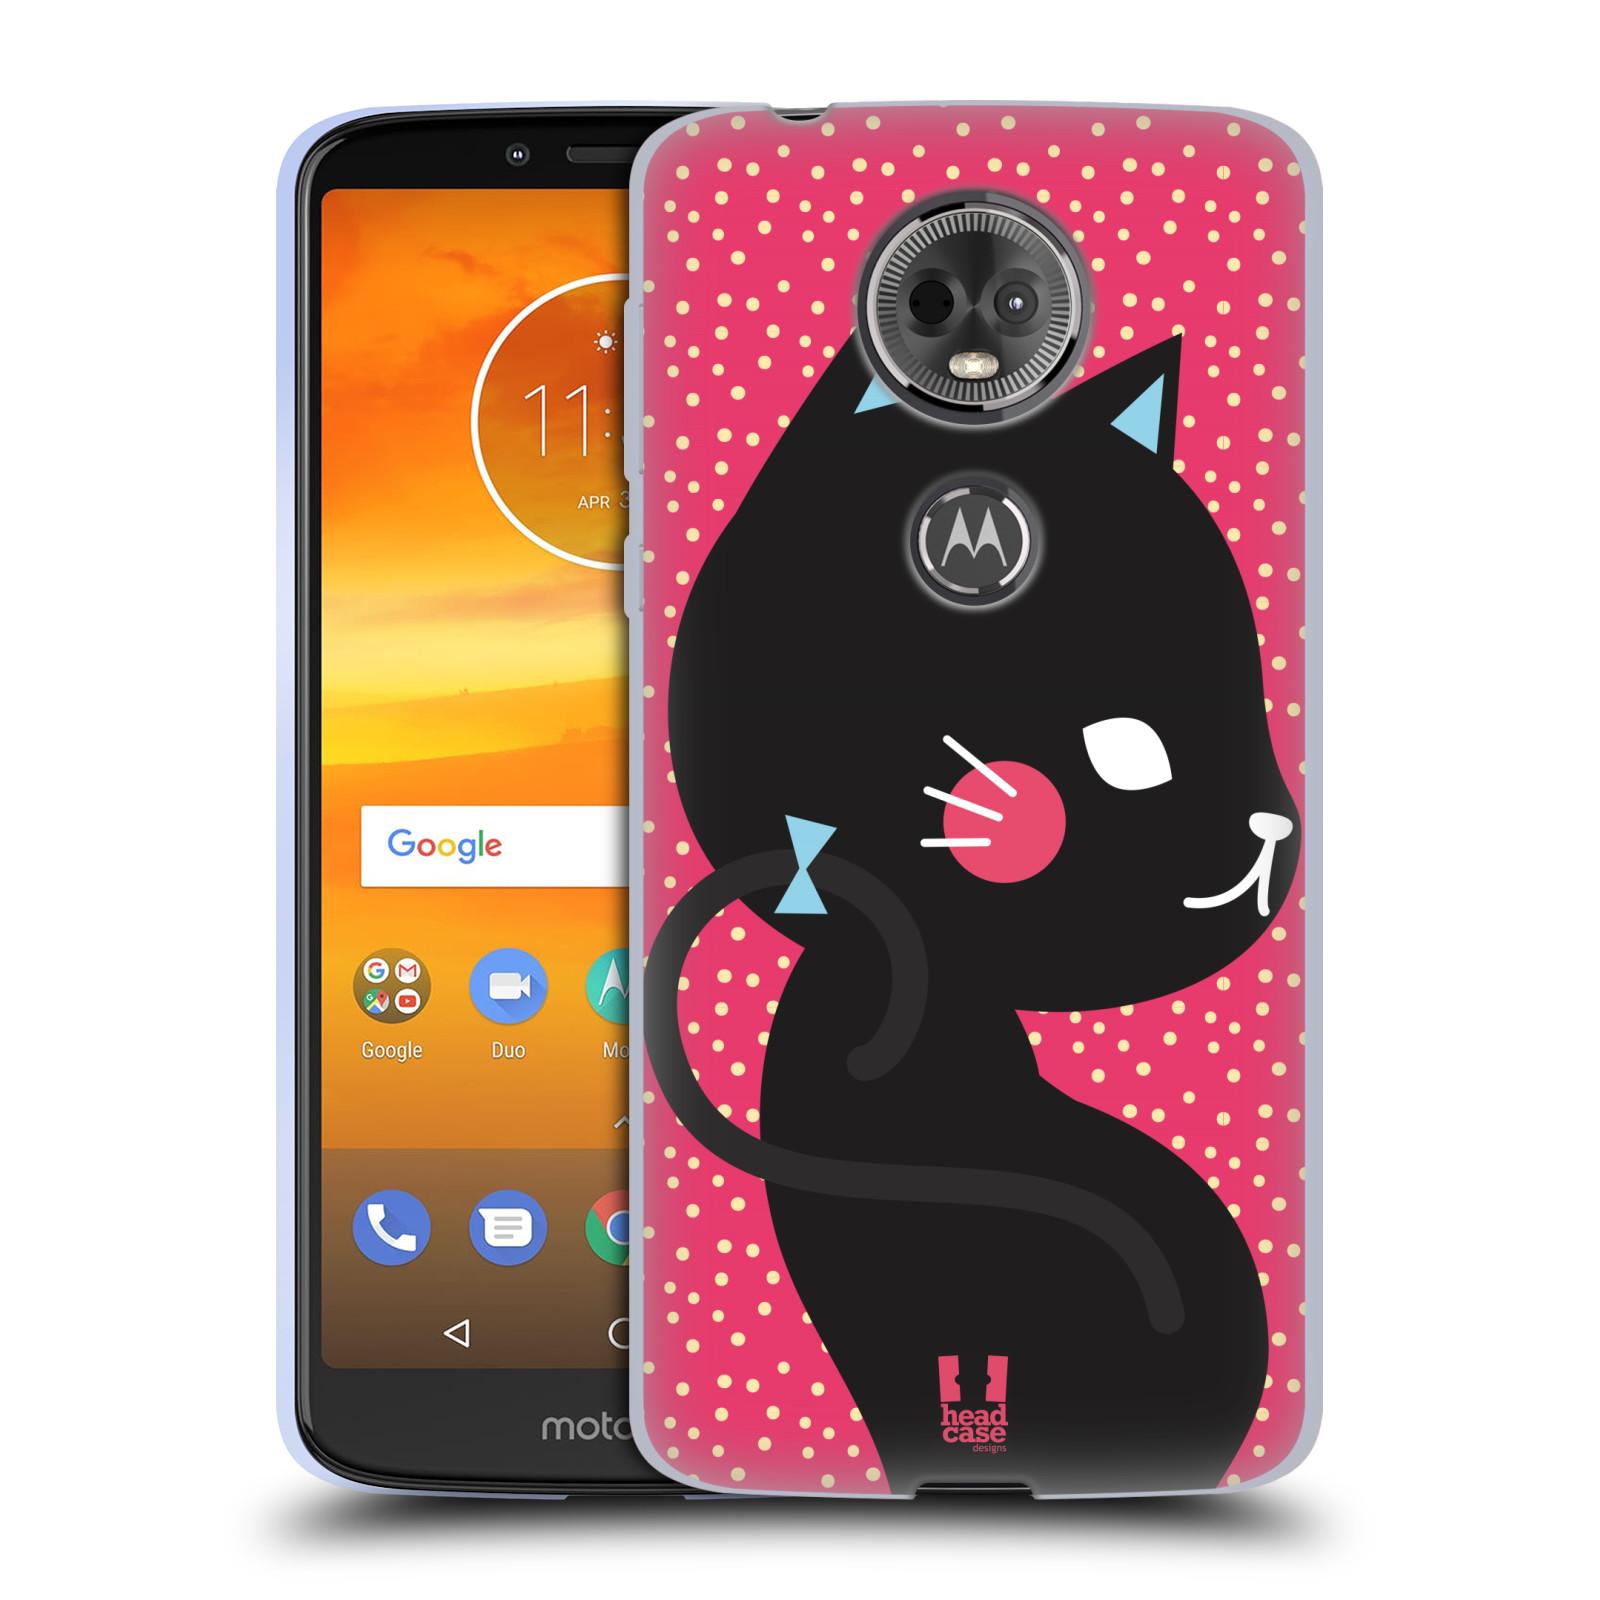 Silikonové pouzdro na mobil Motorola Moto E5 Plus - Head Case - KOČIČKA Černá NA RŮŽOVÉ